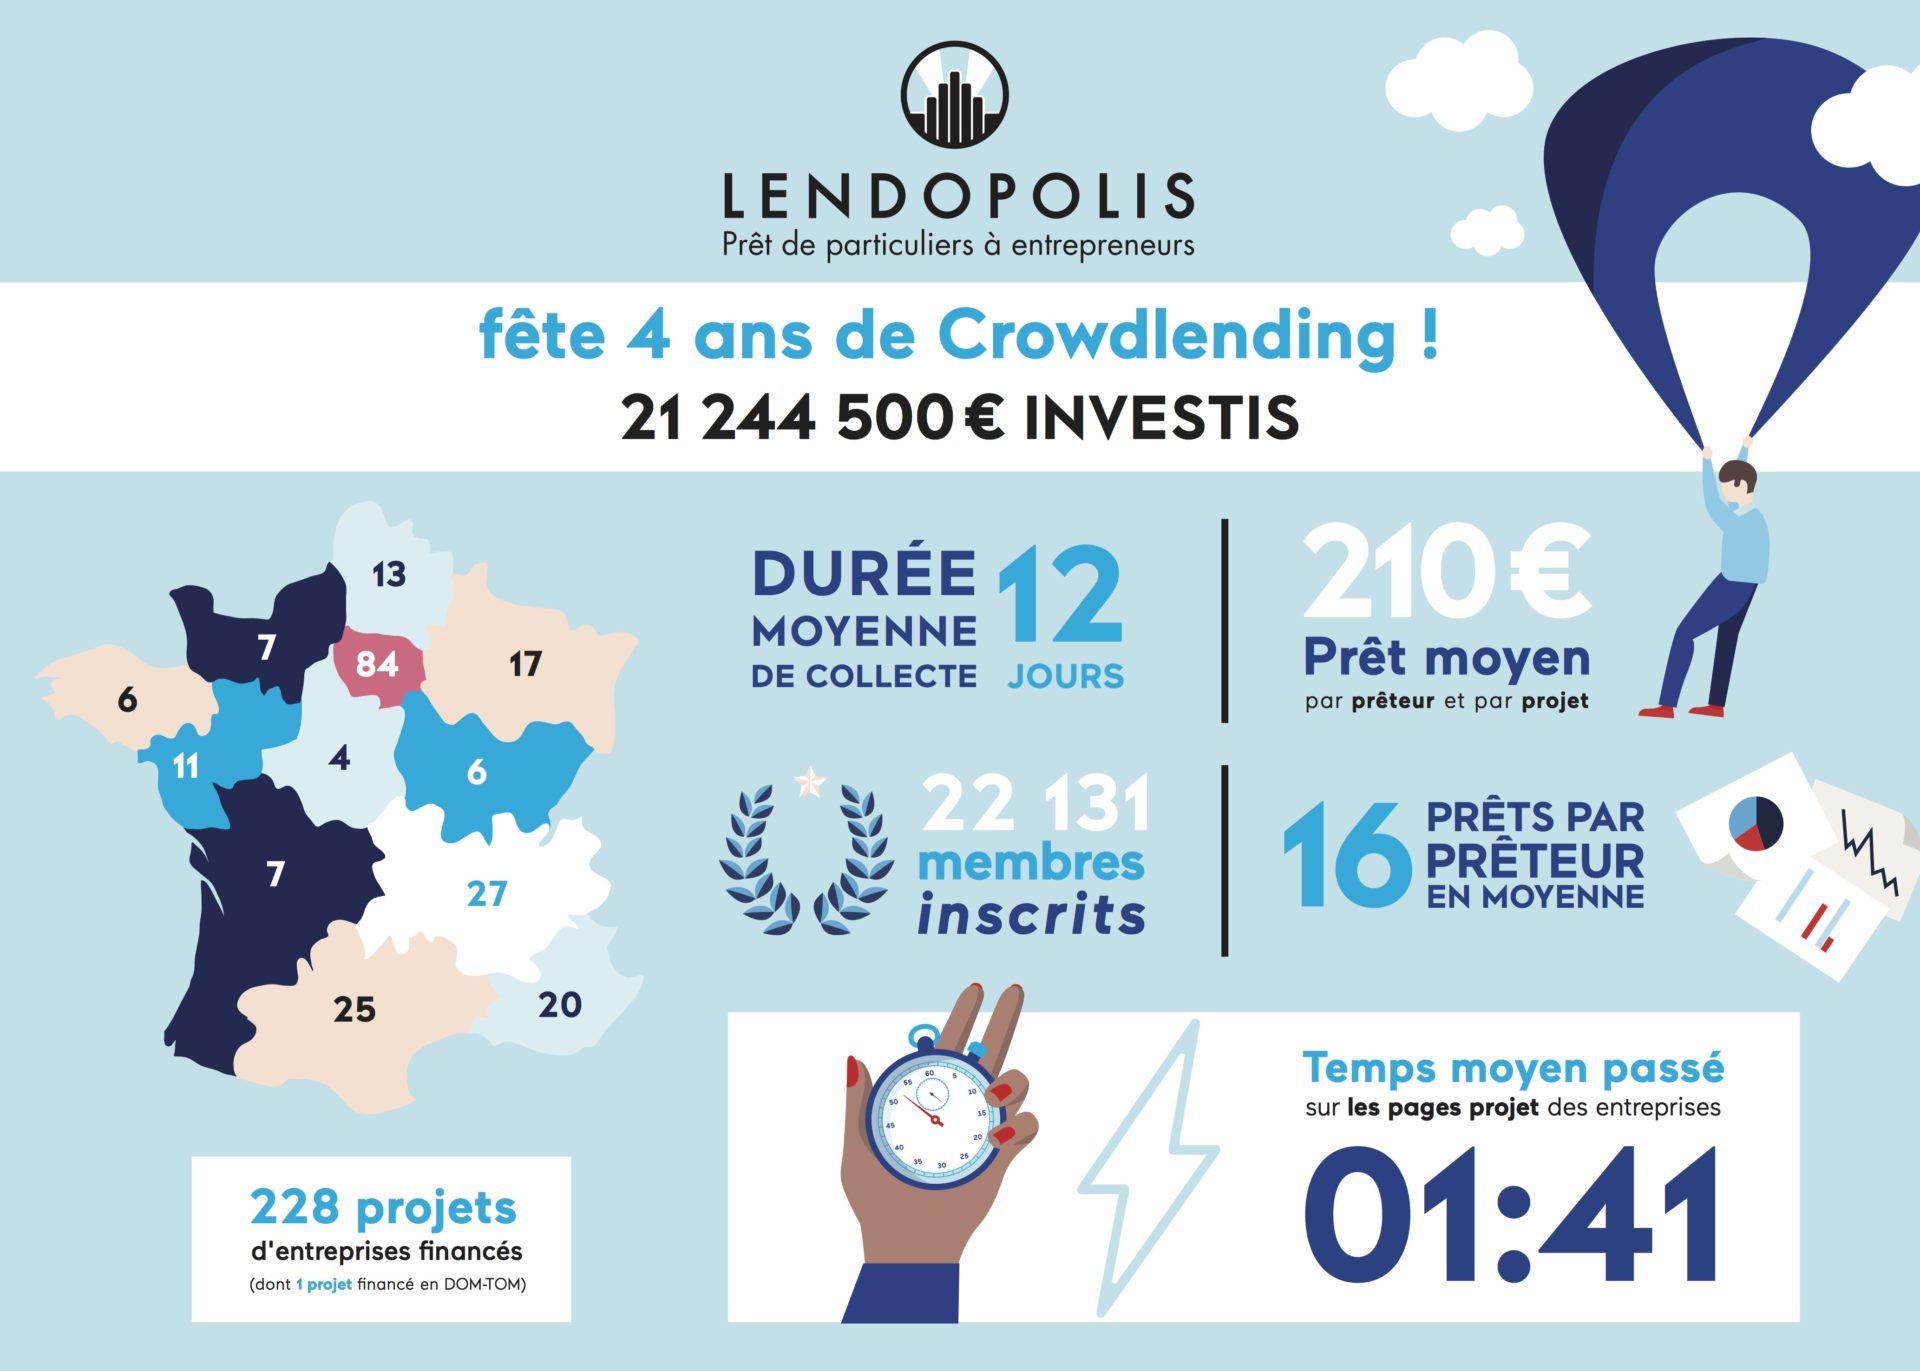 Lendopolis fête ses quatre ans de crowdlending